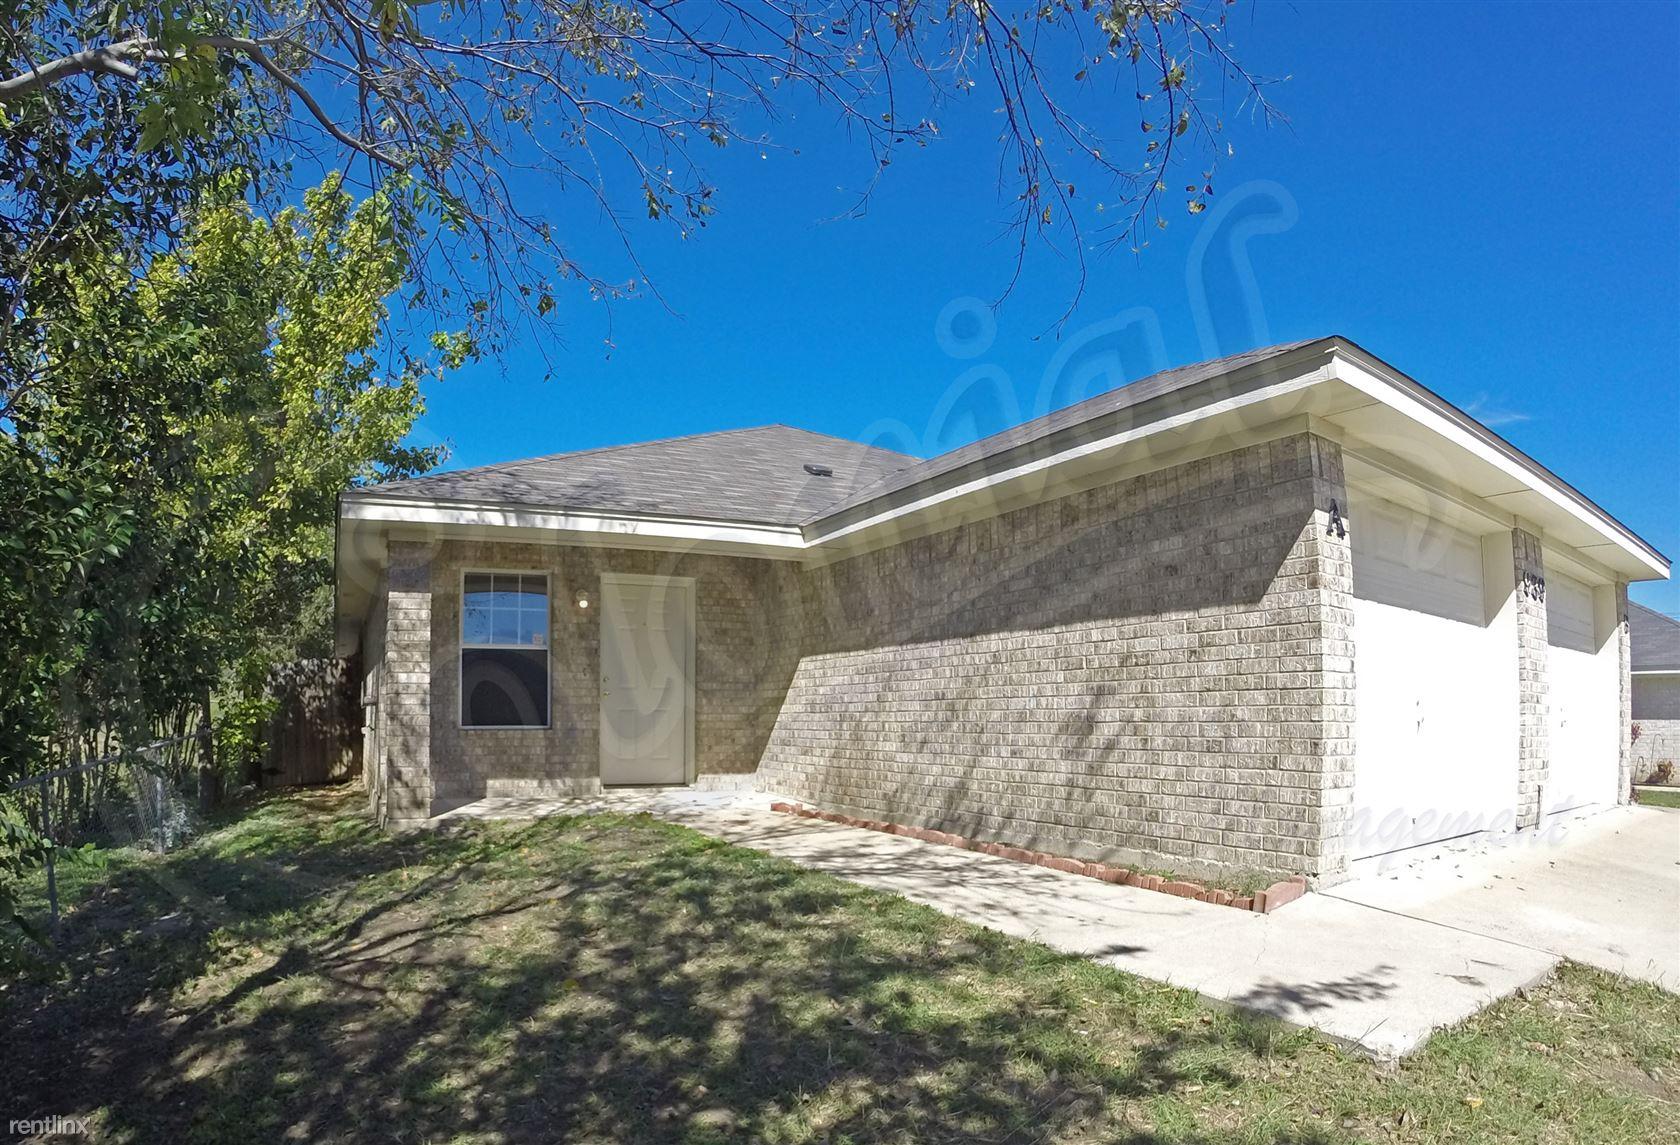 939 Ramblewood St # A, Harker Heights, TX - $875